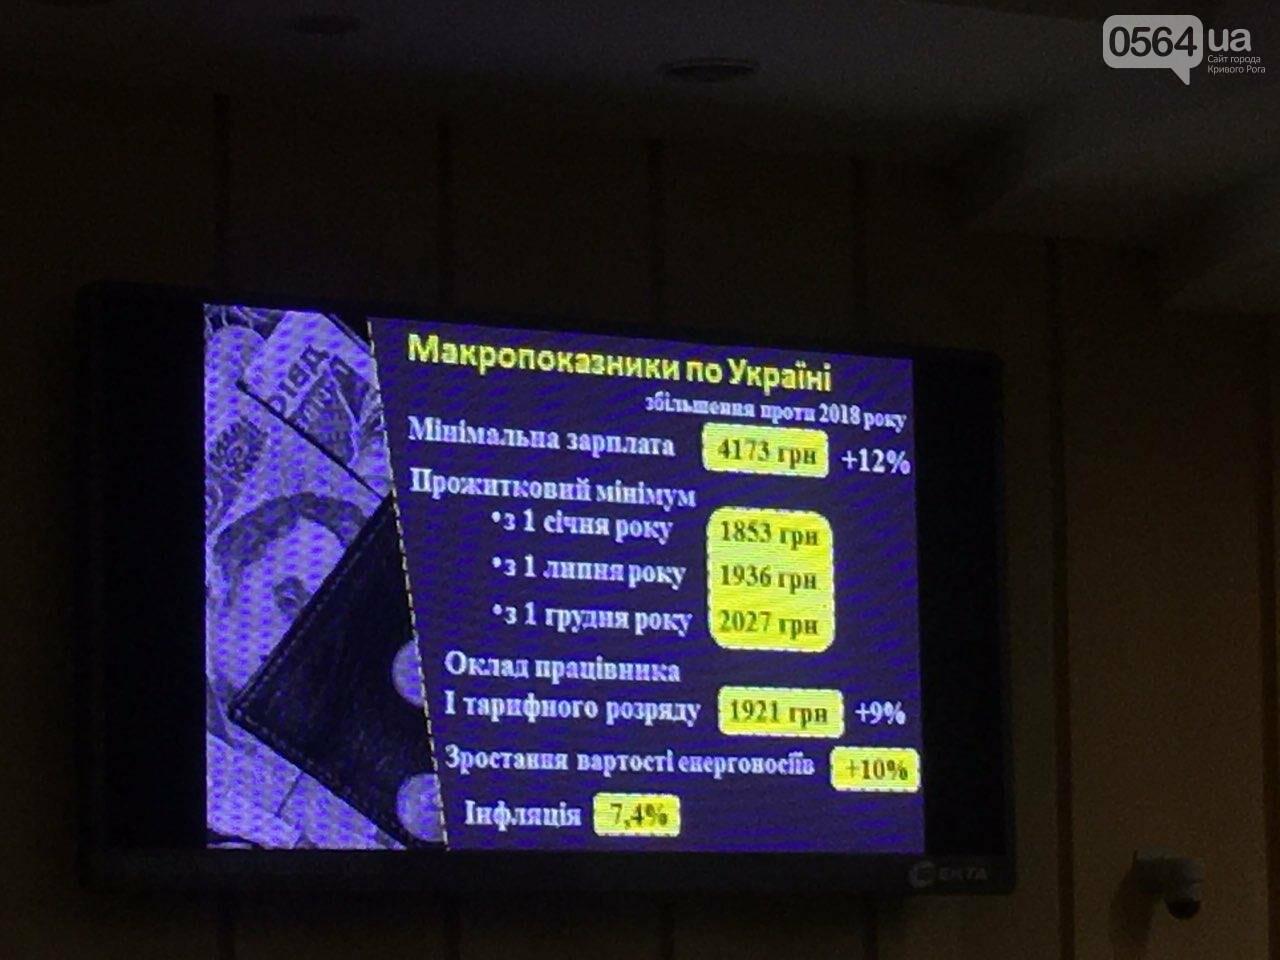 На что криворожские депутаты предлагают потратить почти 7,5 миллиардов из бюджета города, - ФОТО, фото-4